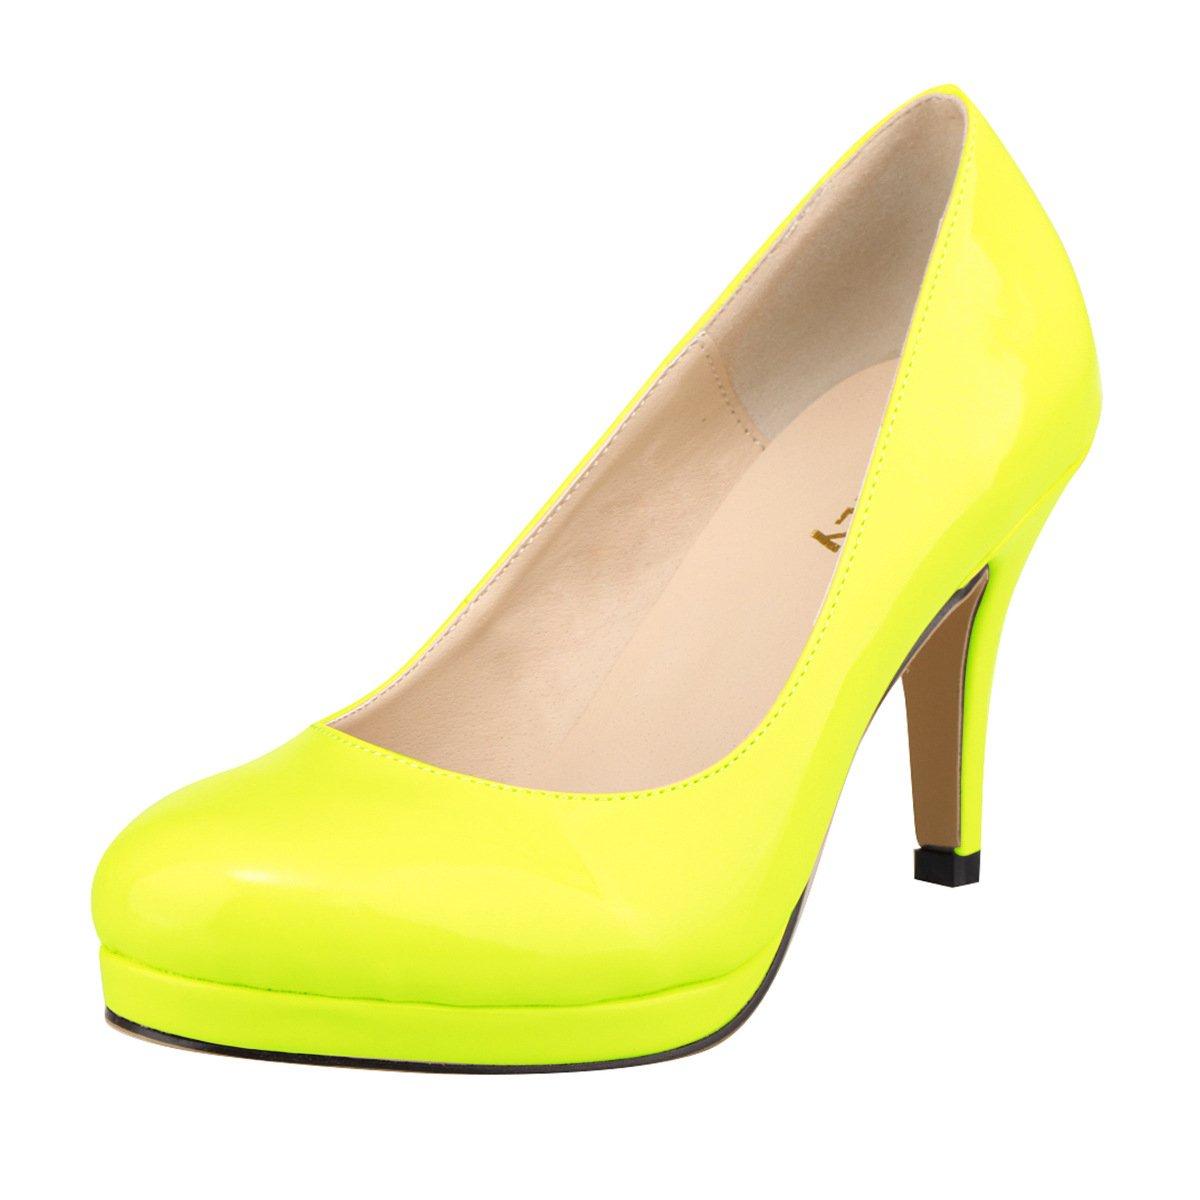 MEI&S Damen Stiletto High Heels flache Mund Mund Mund Party Diskothek Hochzeit Hof Plattform Schuhe Pumps e266ff